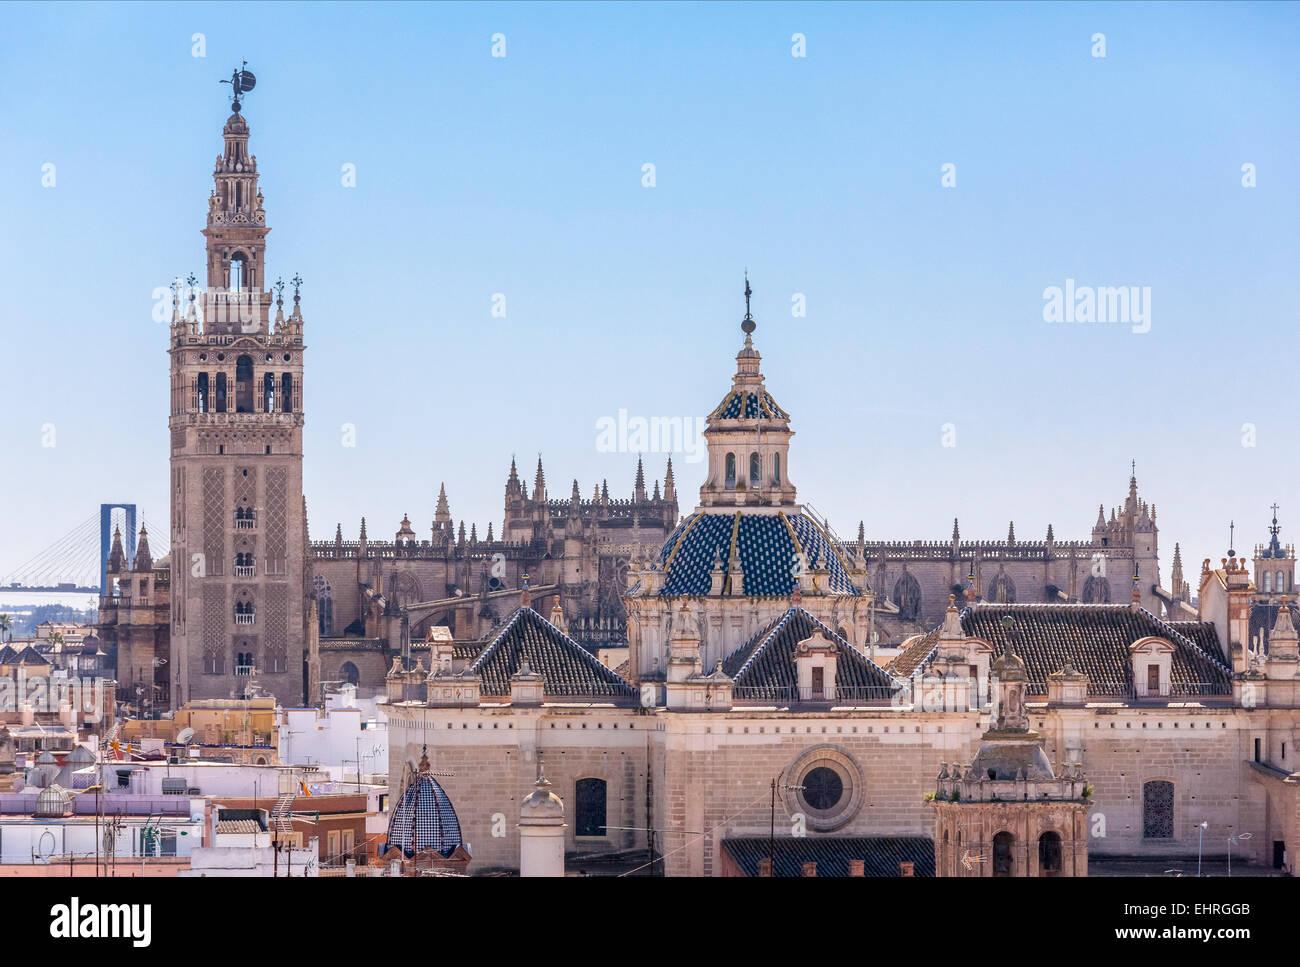 Sevilla España skyline con la torre de la Giralda, Catedral, Iglesia de El Salvador y el puente visto desde Imagen De Stock